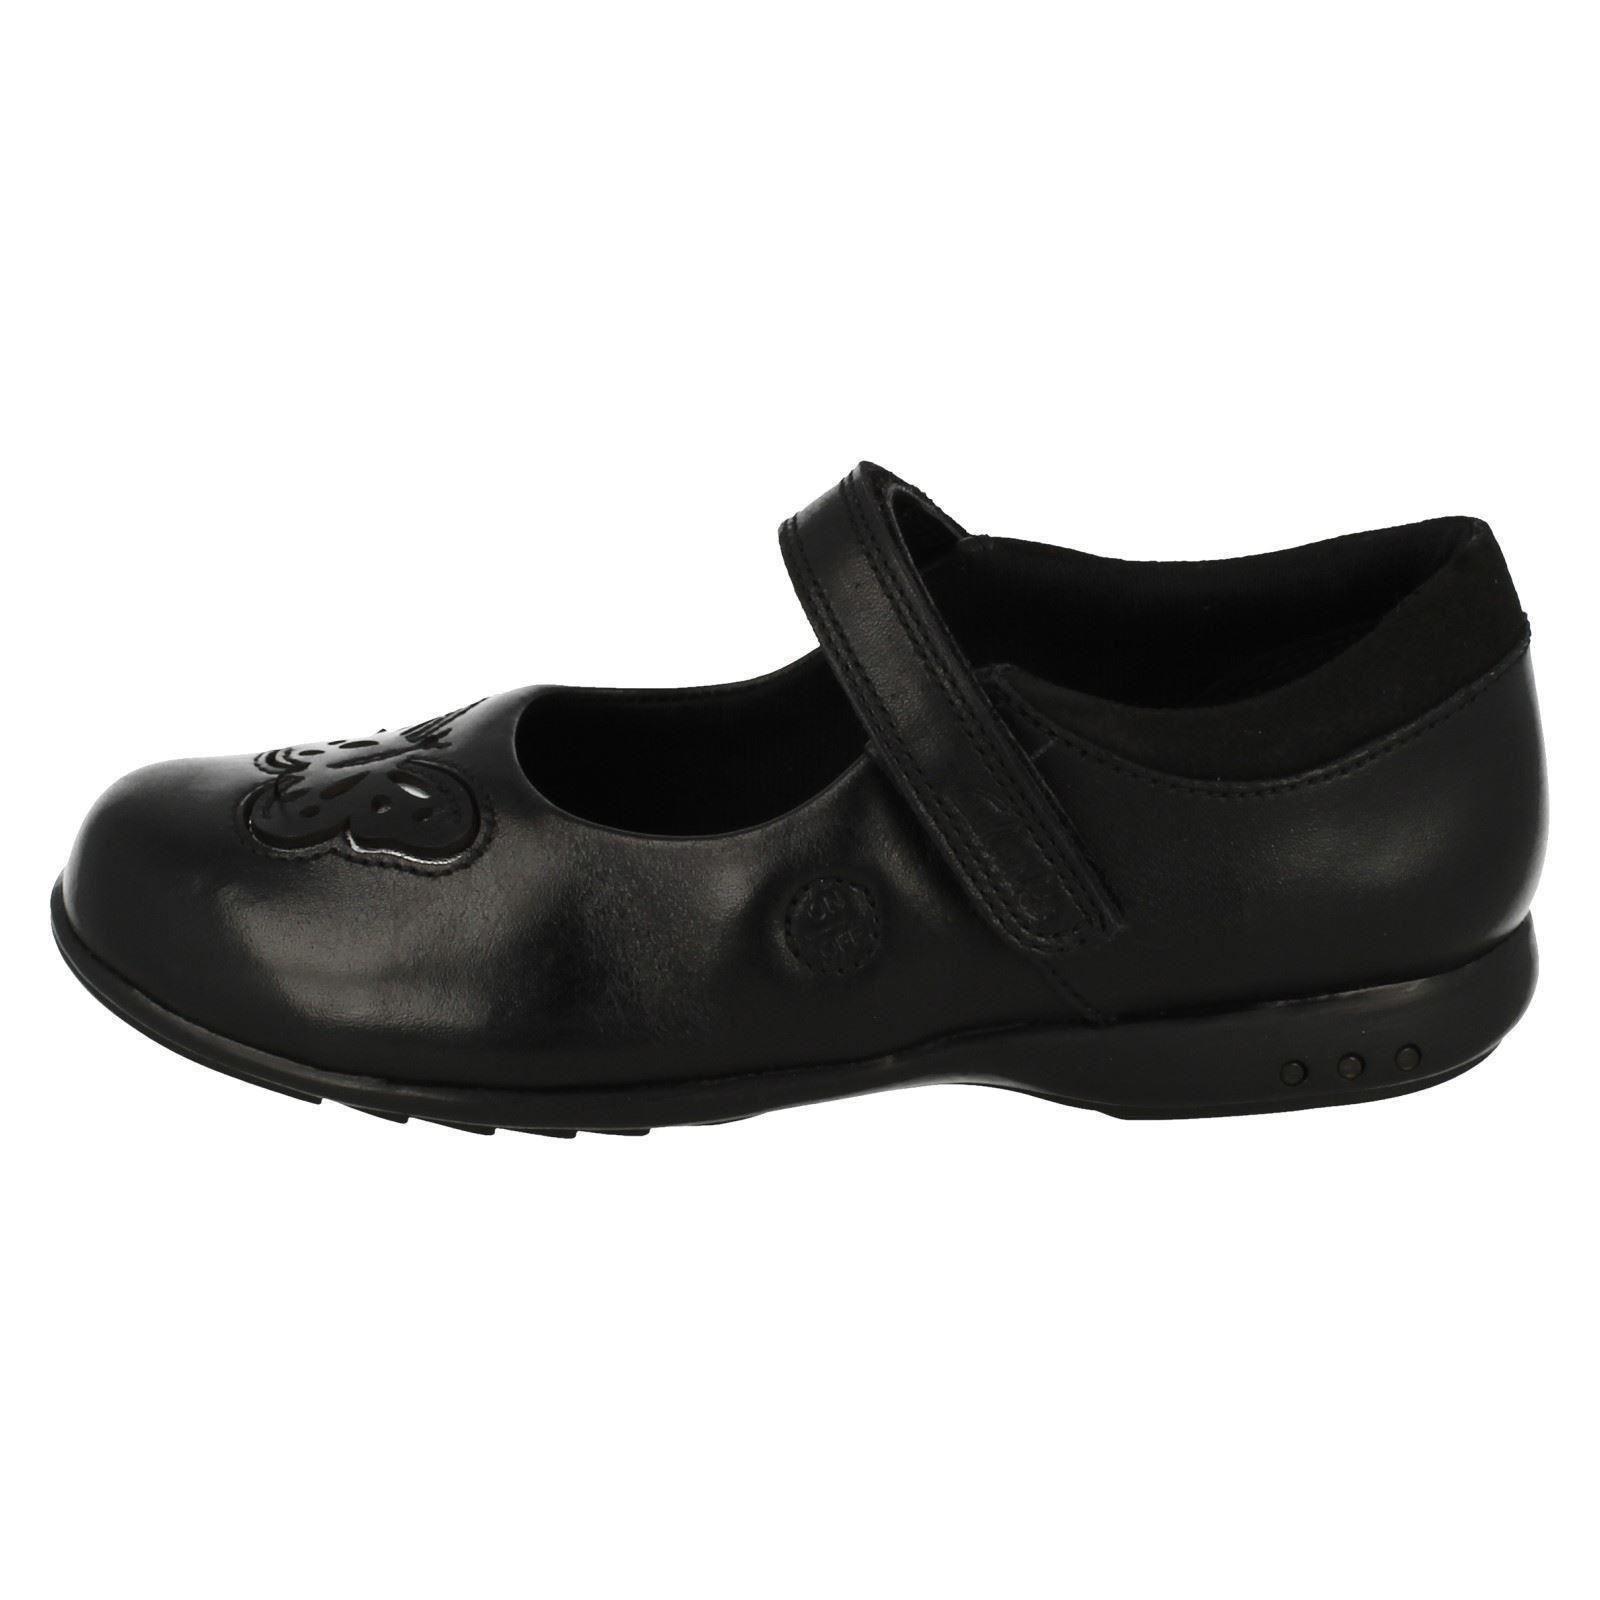 ' Zapatos Niña Luz Rosa Colegio 'trixi De Clarks Con C8Pw8fpq